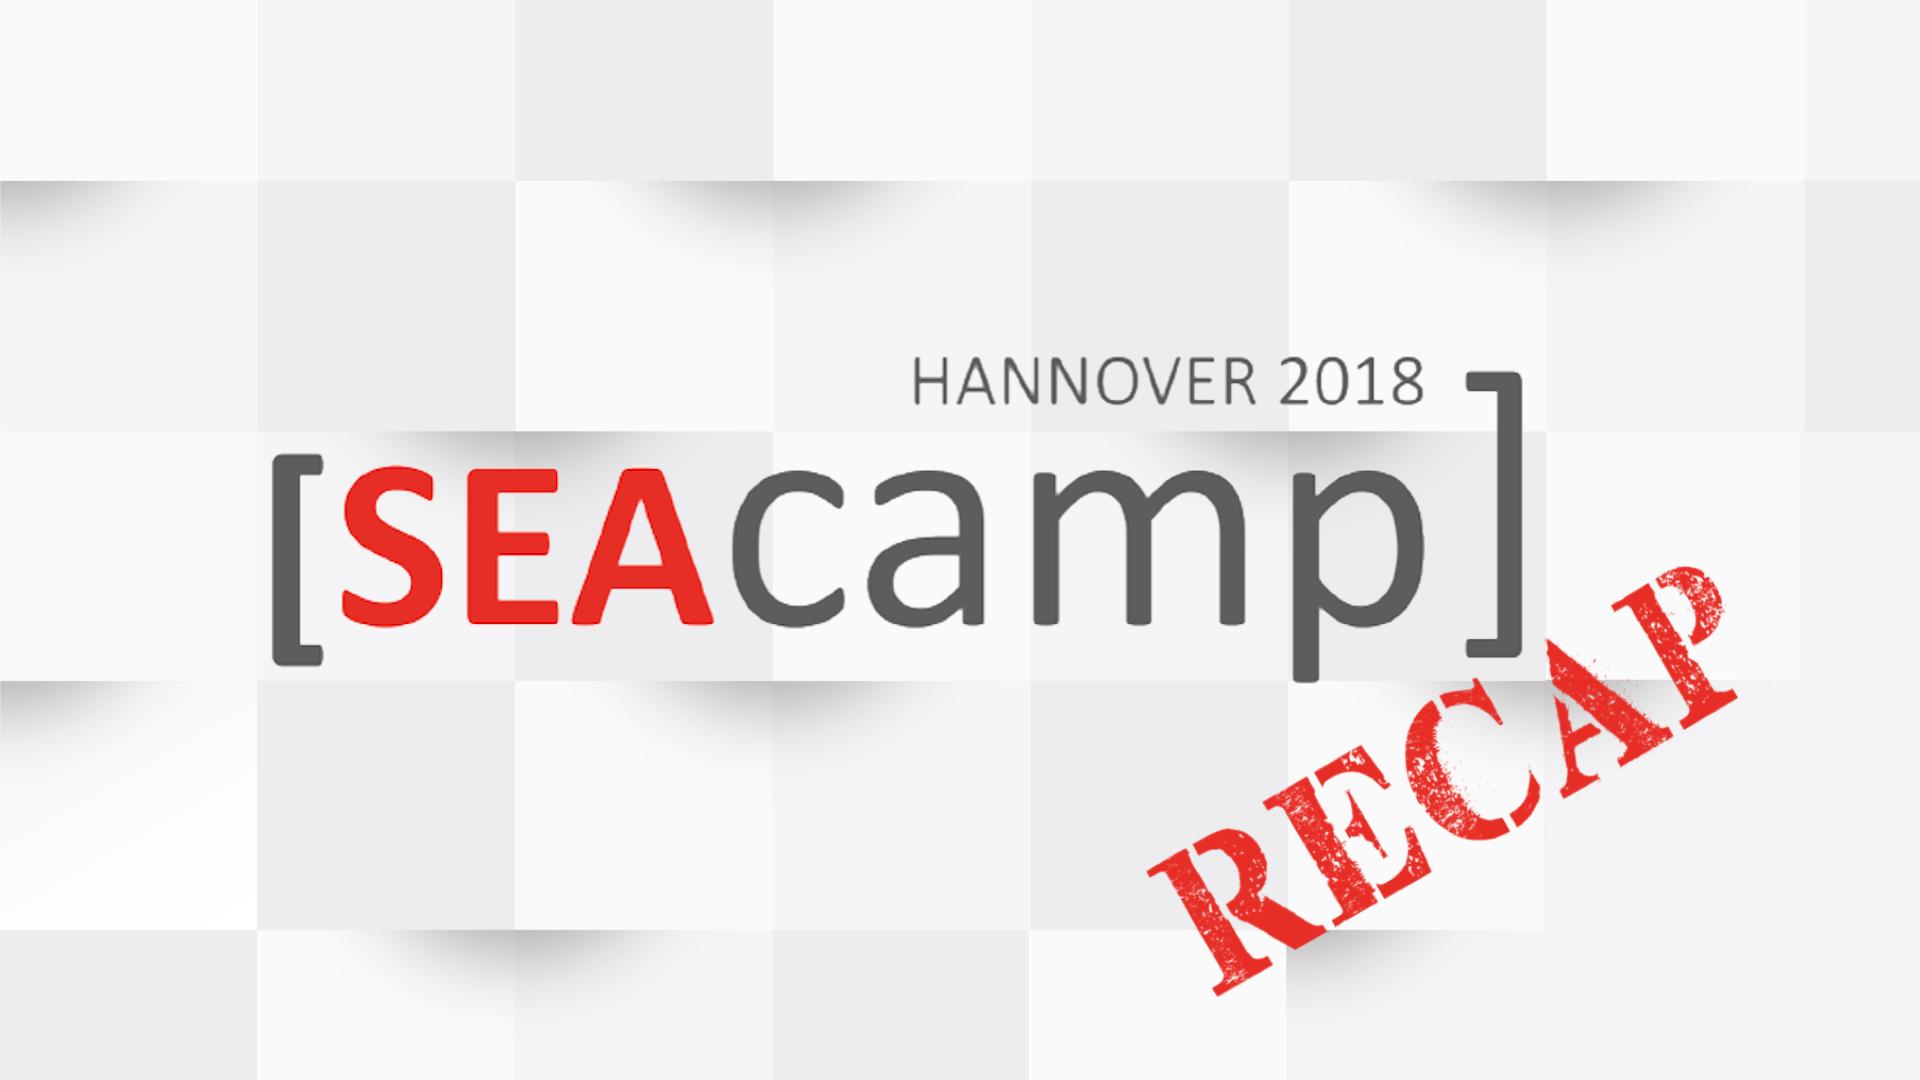 SEAcamp 2018 Hannover Recap